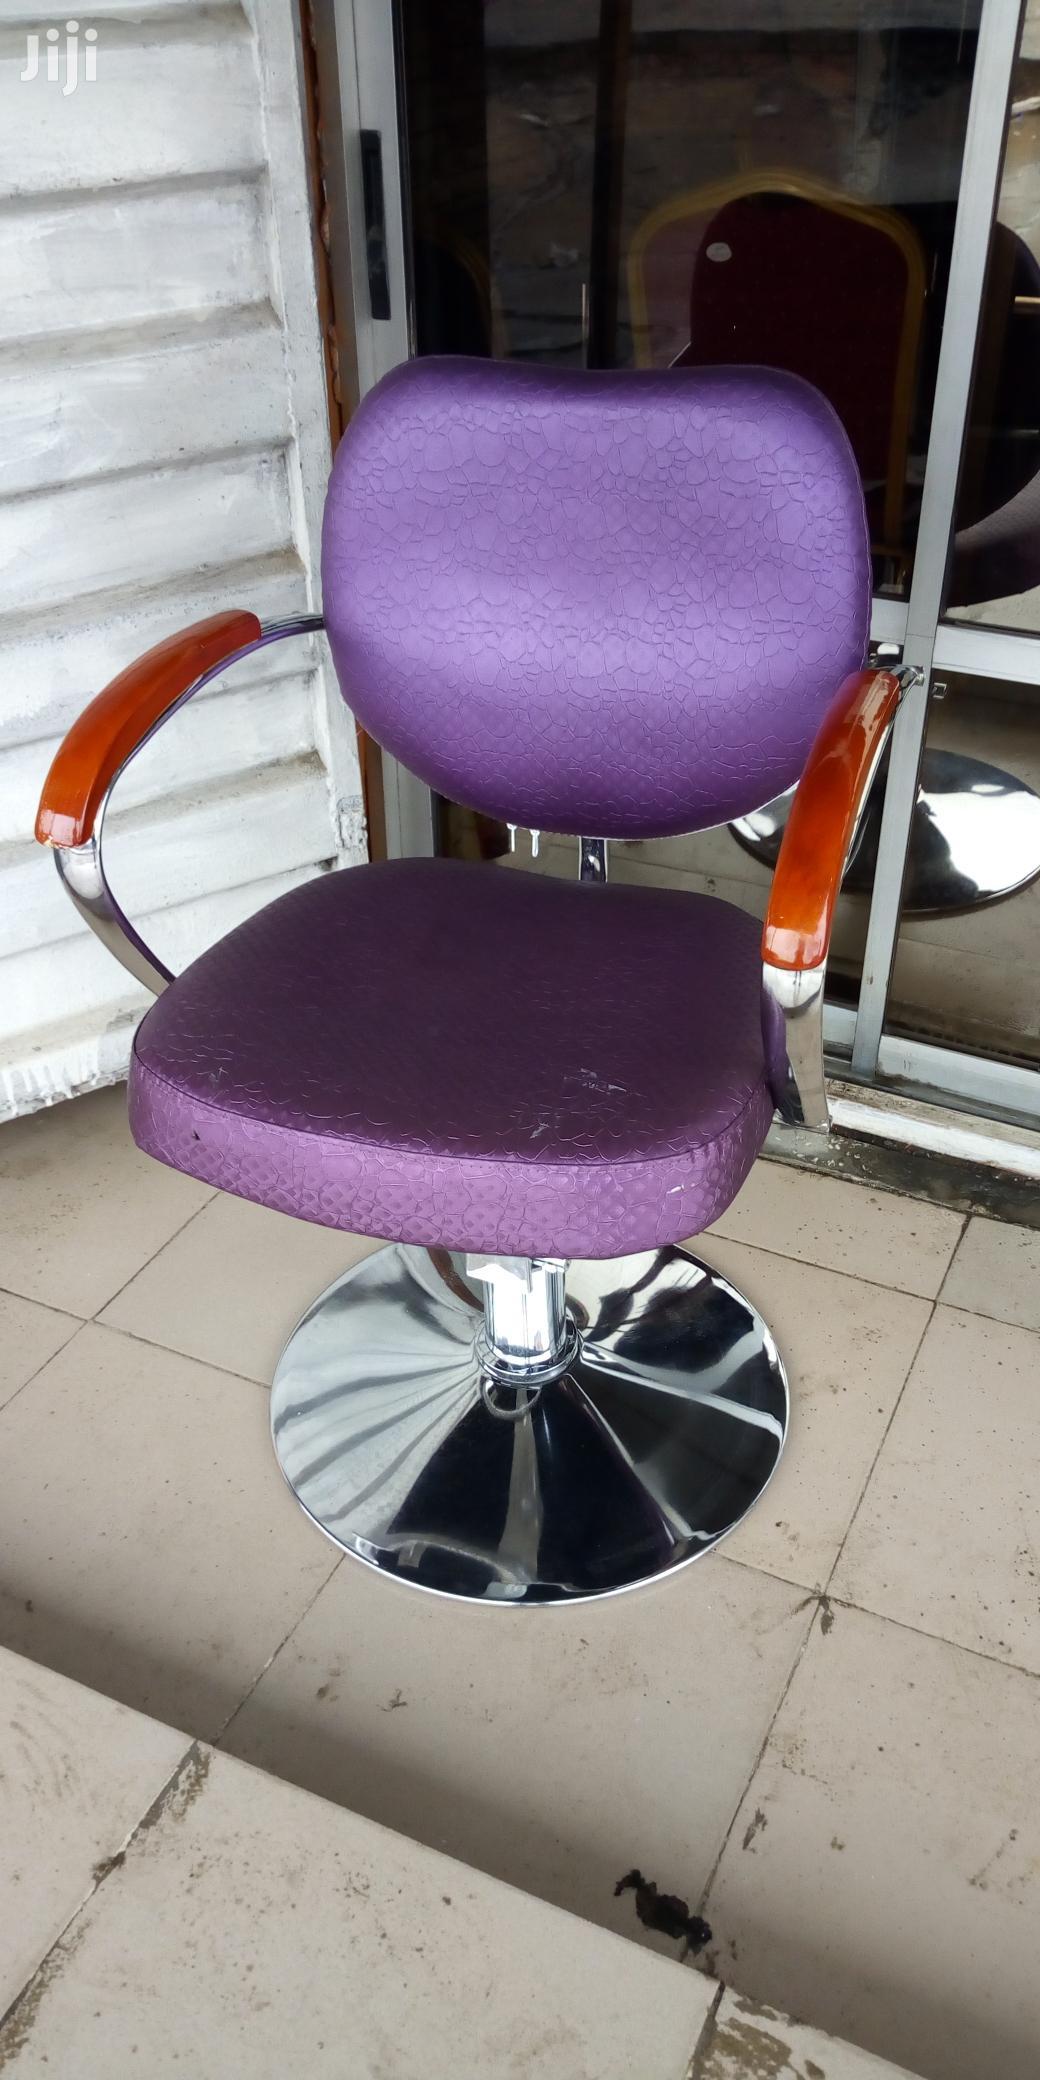 Salon Chair | Salon Equipment for sale in Ojo, Lagos State, Nigeria